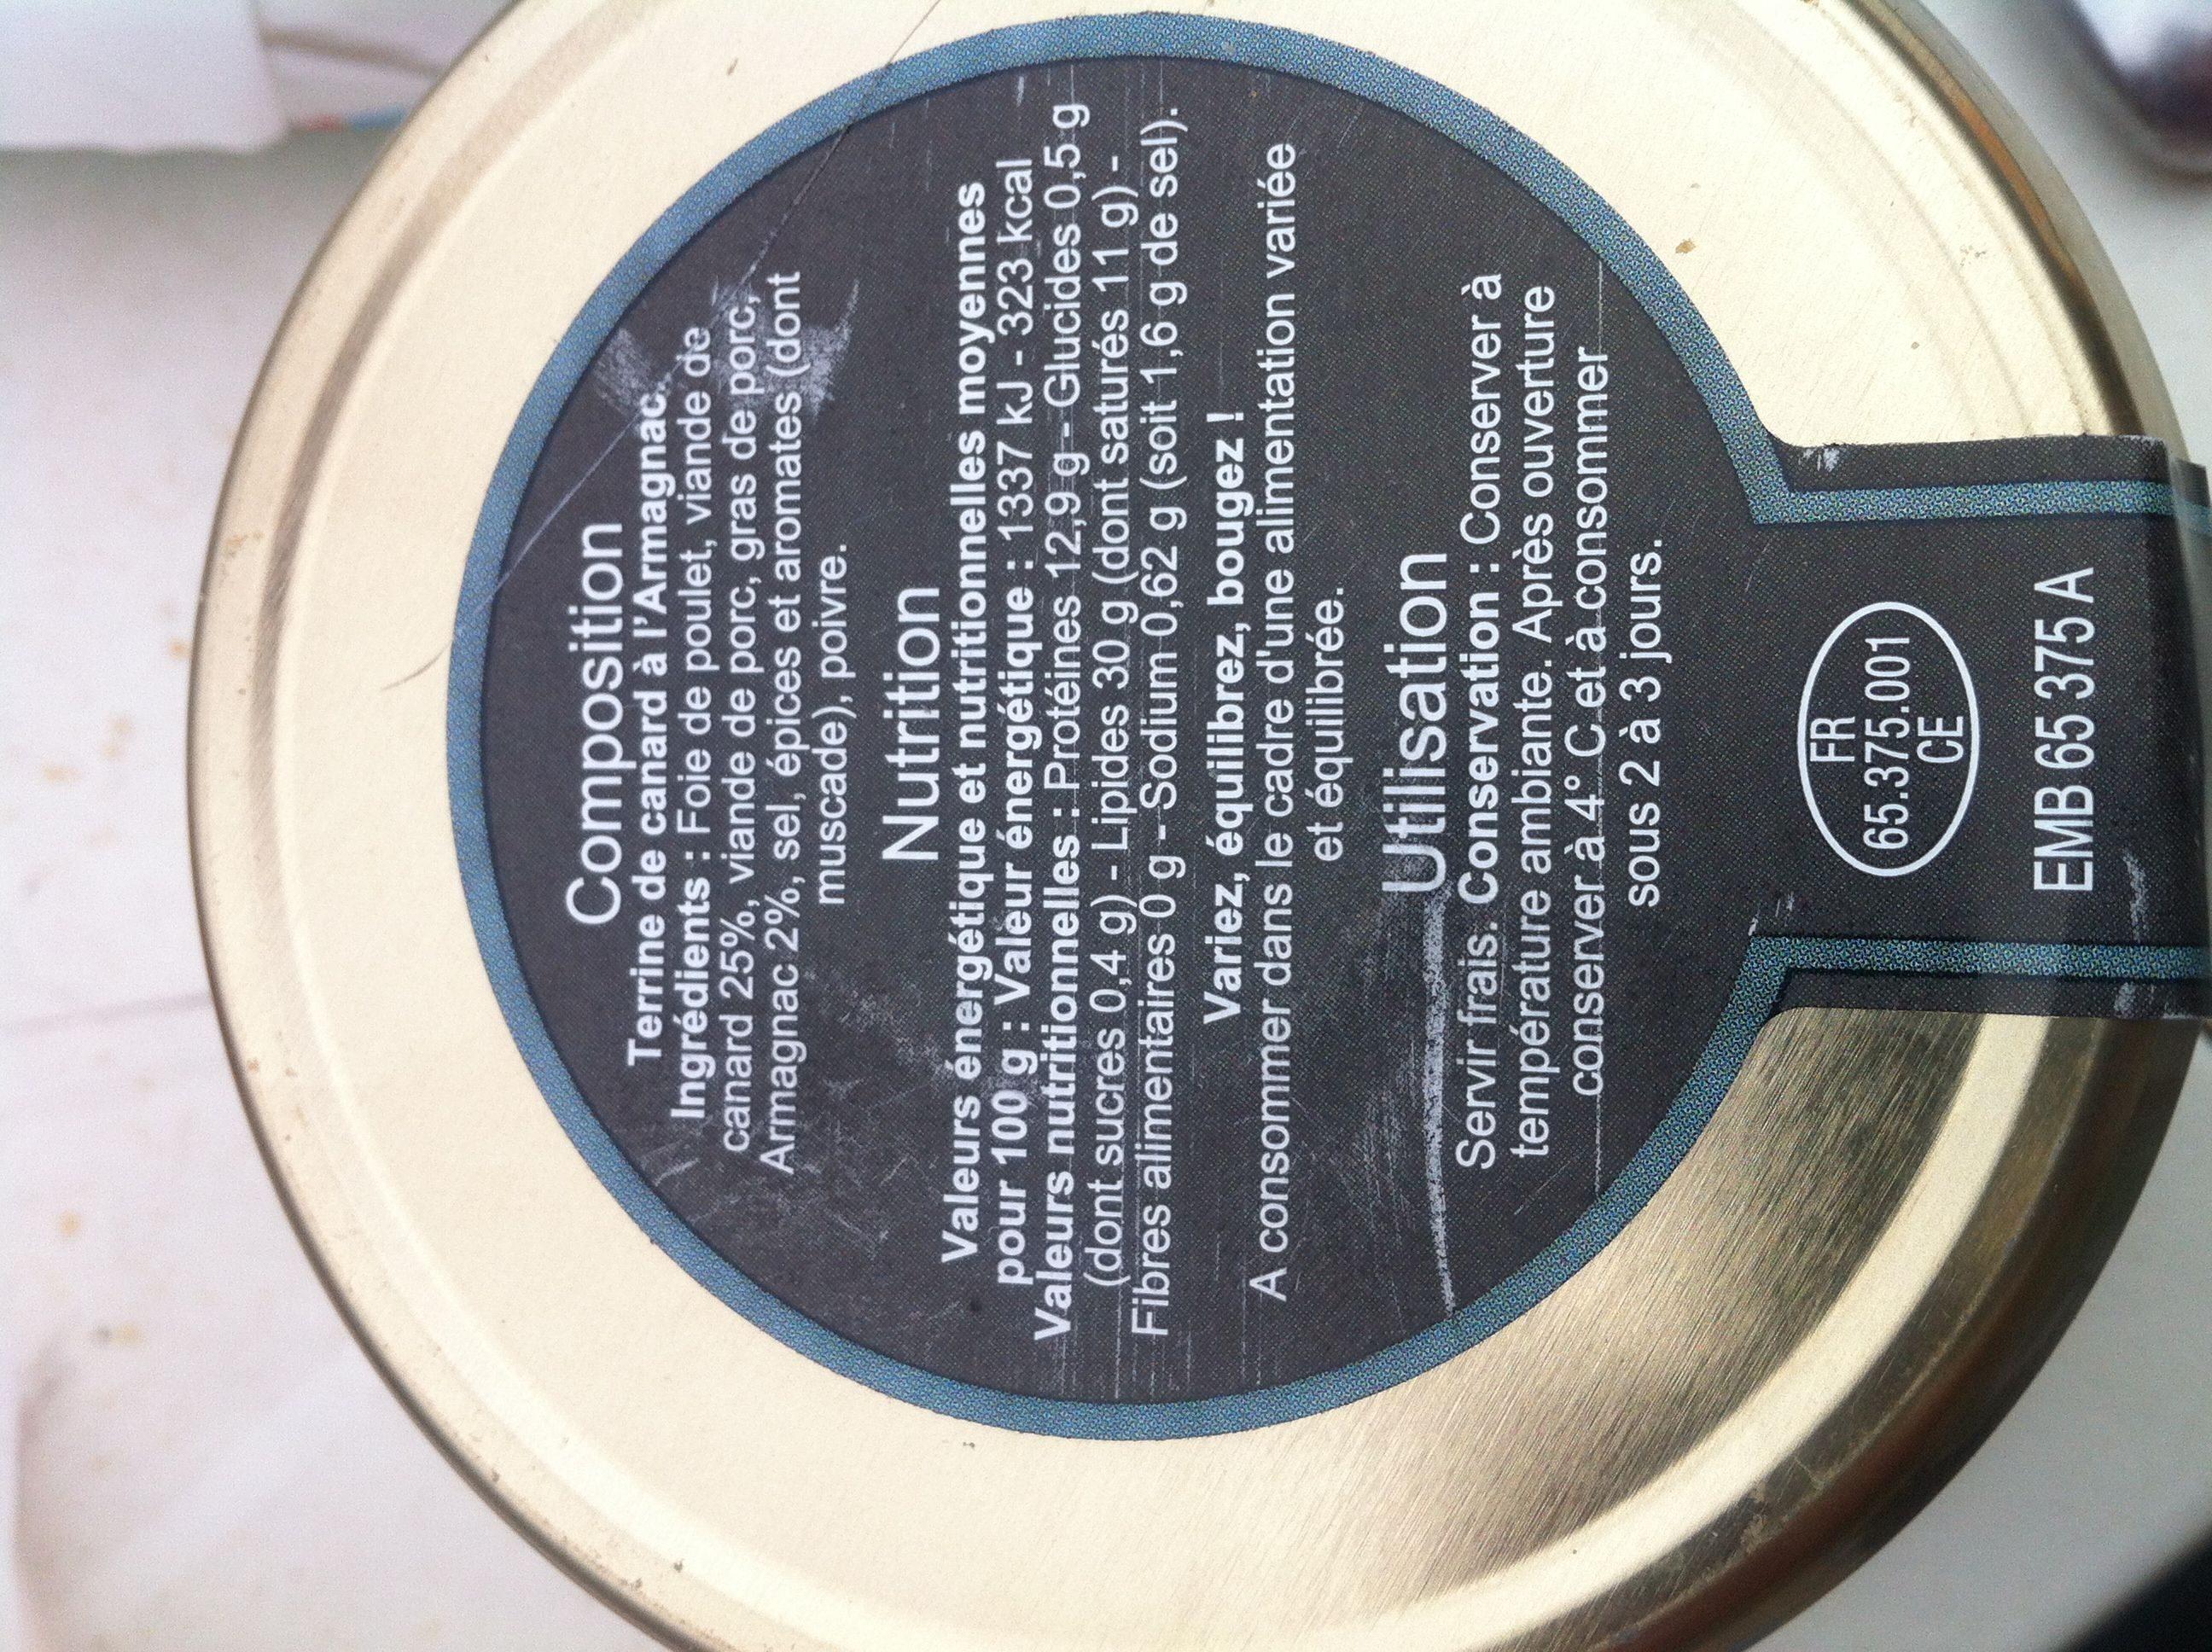 Terrine de canard à l'armagnac - Informations nutritionnelles - fr